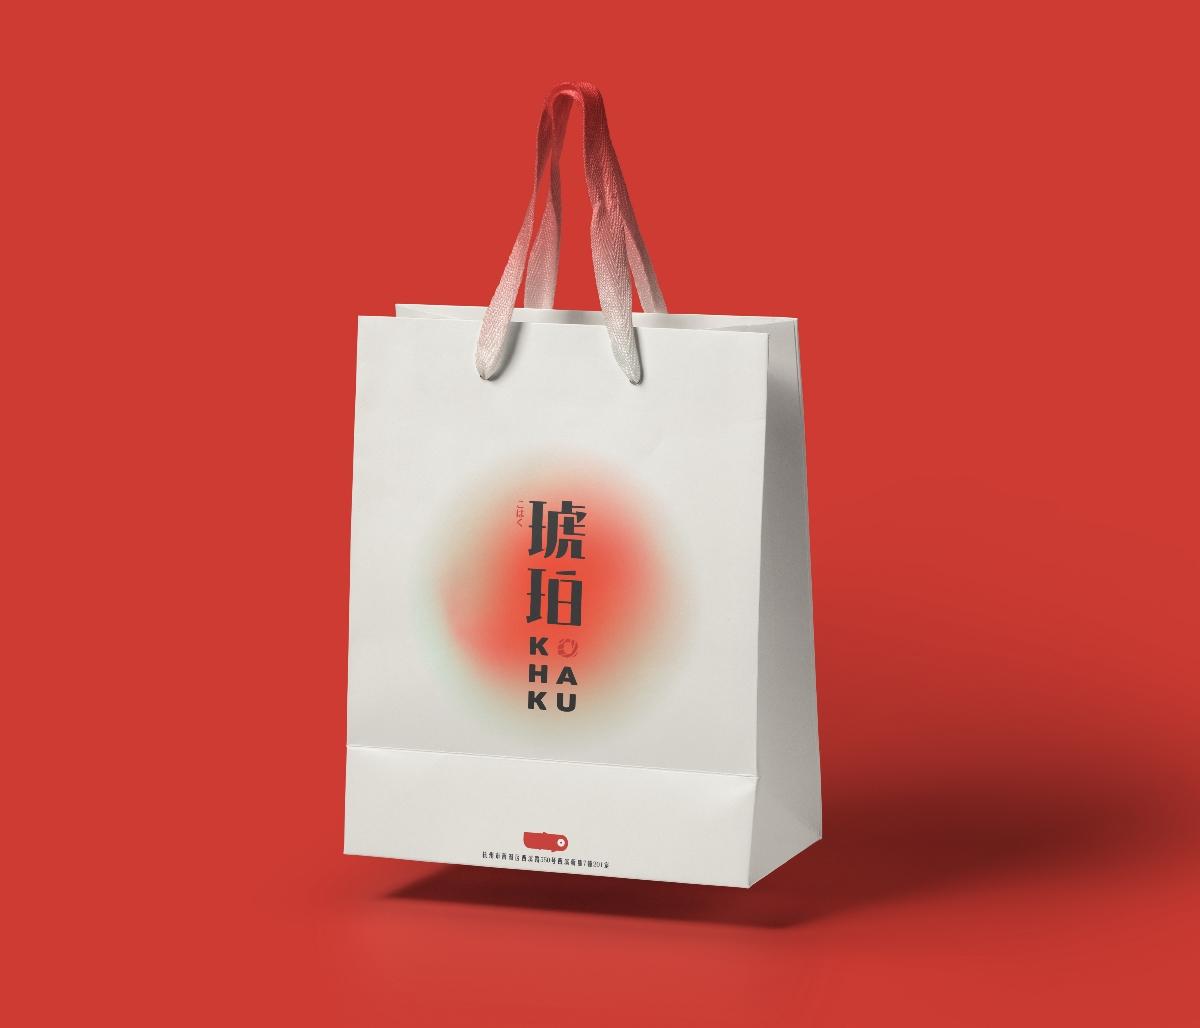 包装设计作品合集 | 啄卓设计